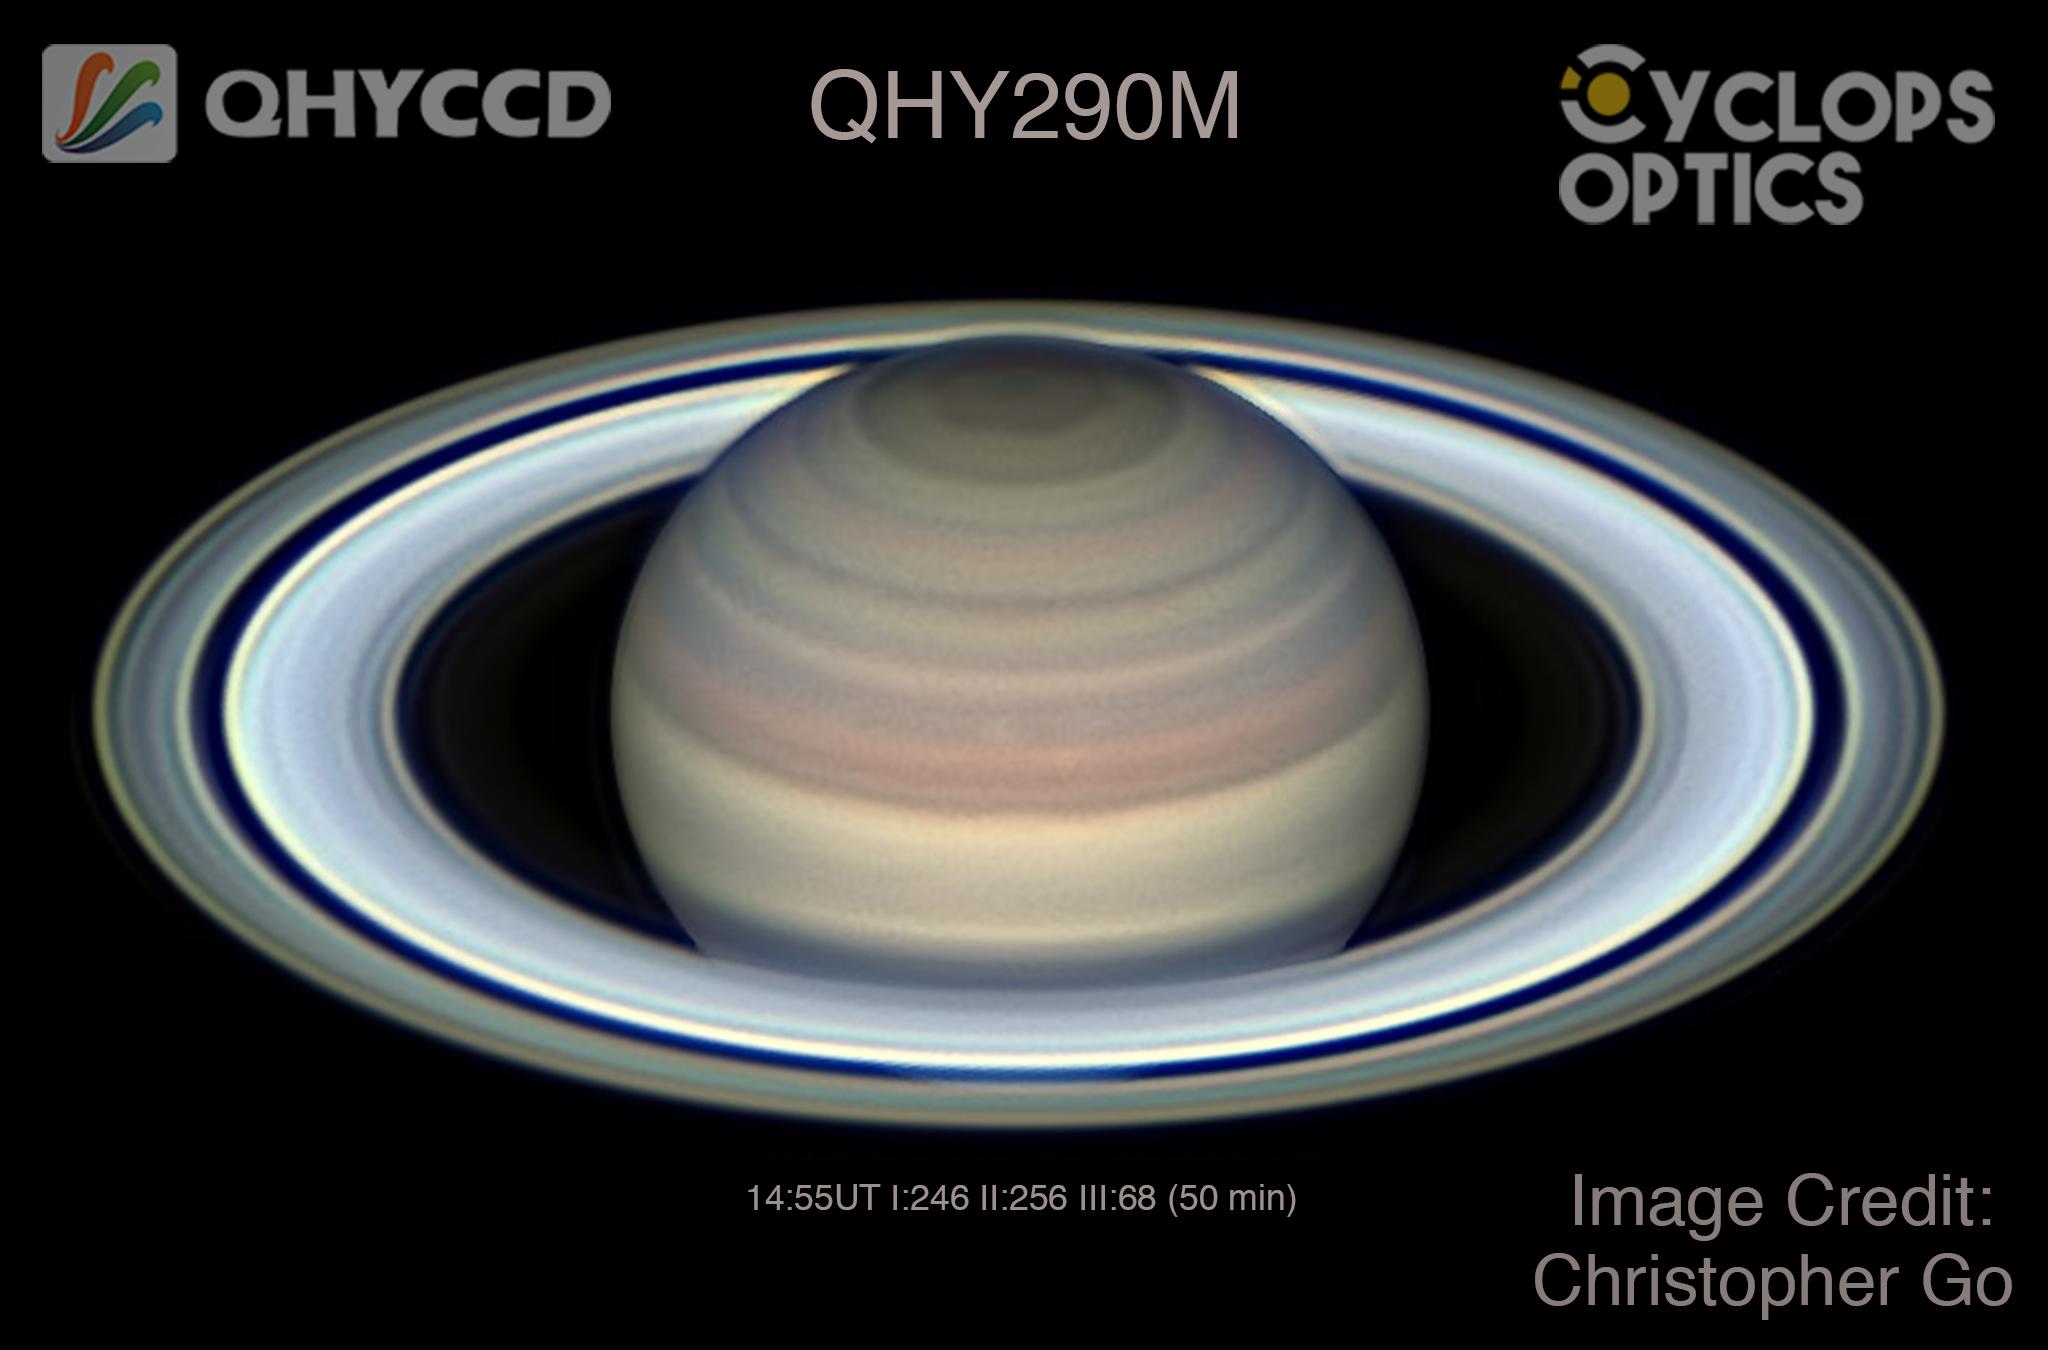 20170611-qhy290m-saturn-chris-s20170611a-cgo-2048px.jpg